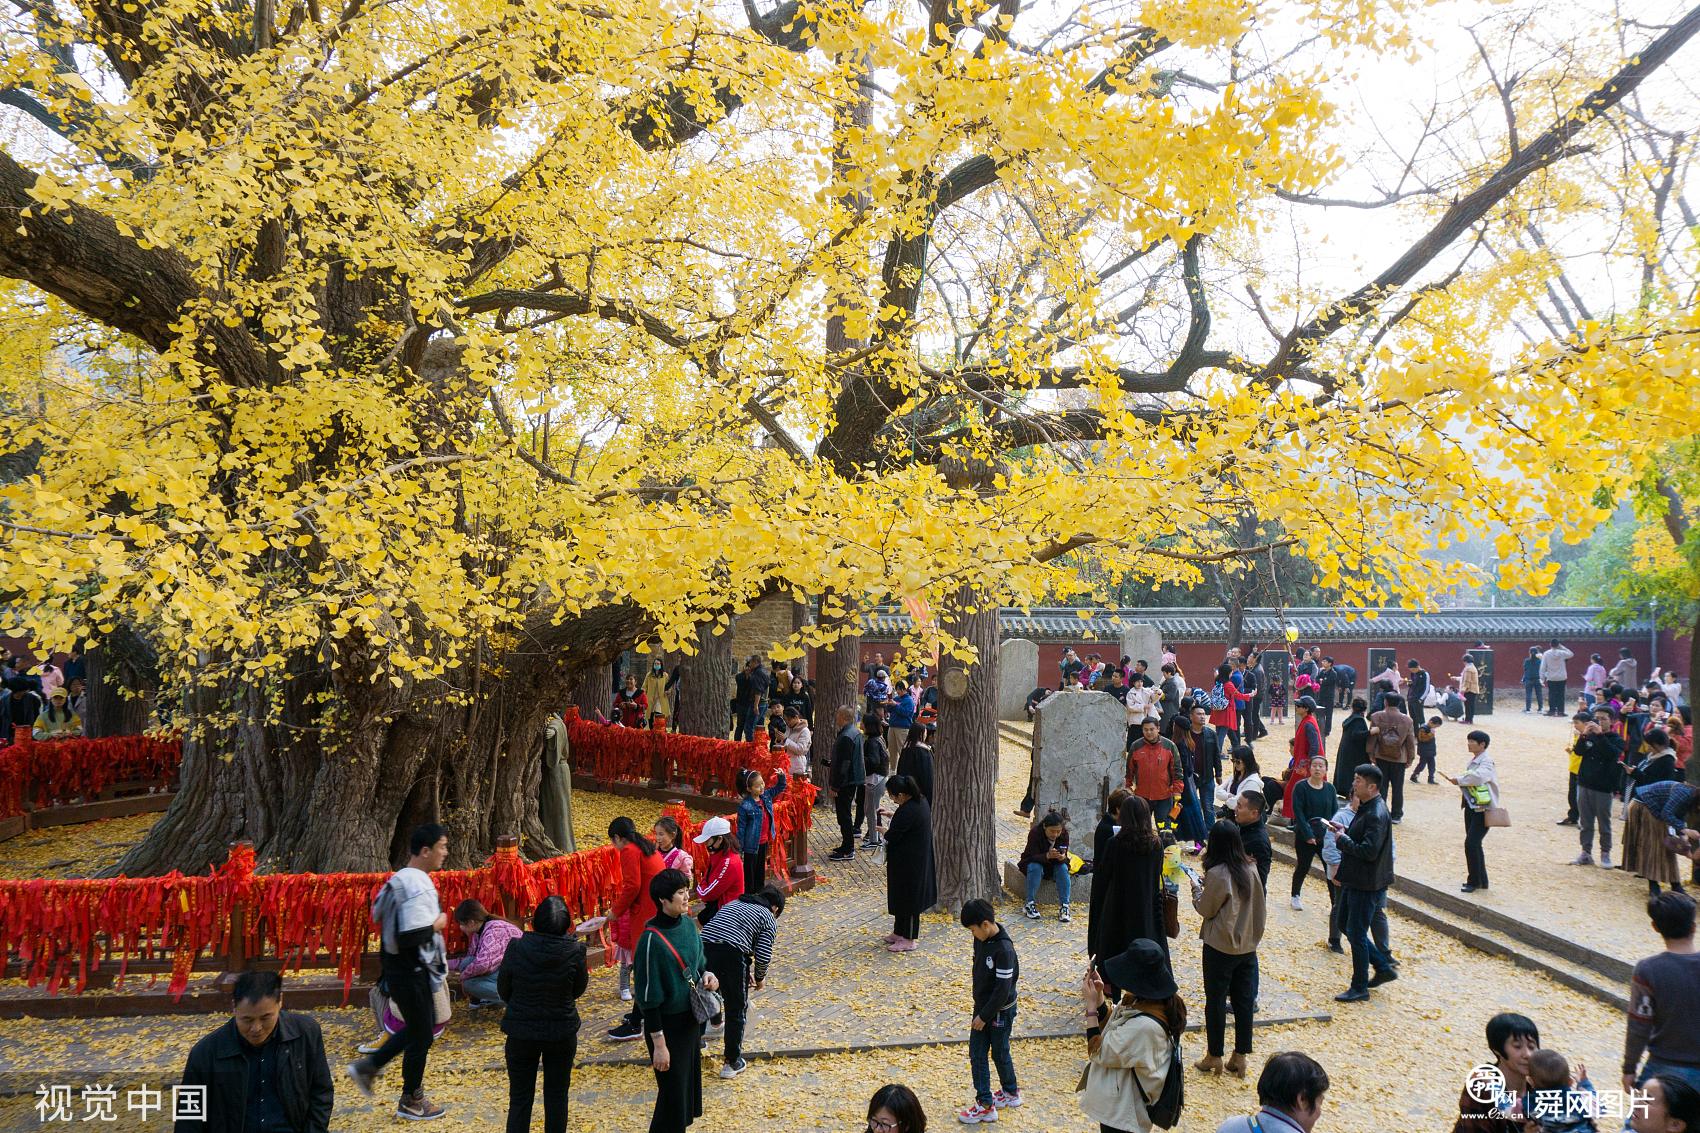 山东日照:千年银杏满树金黄 迎来最佳观赏期